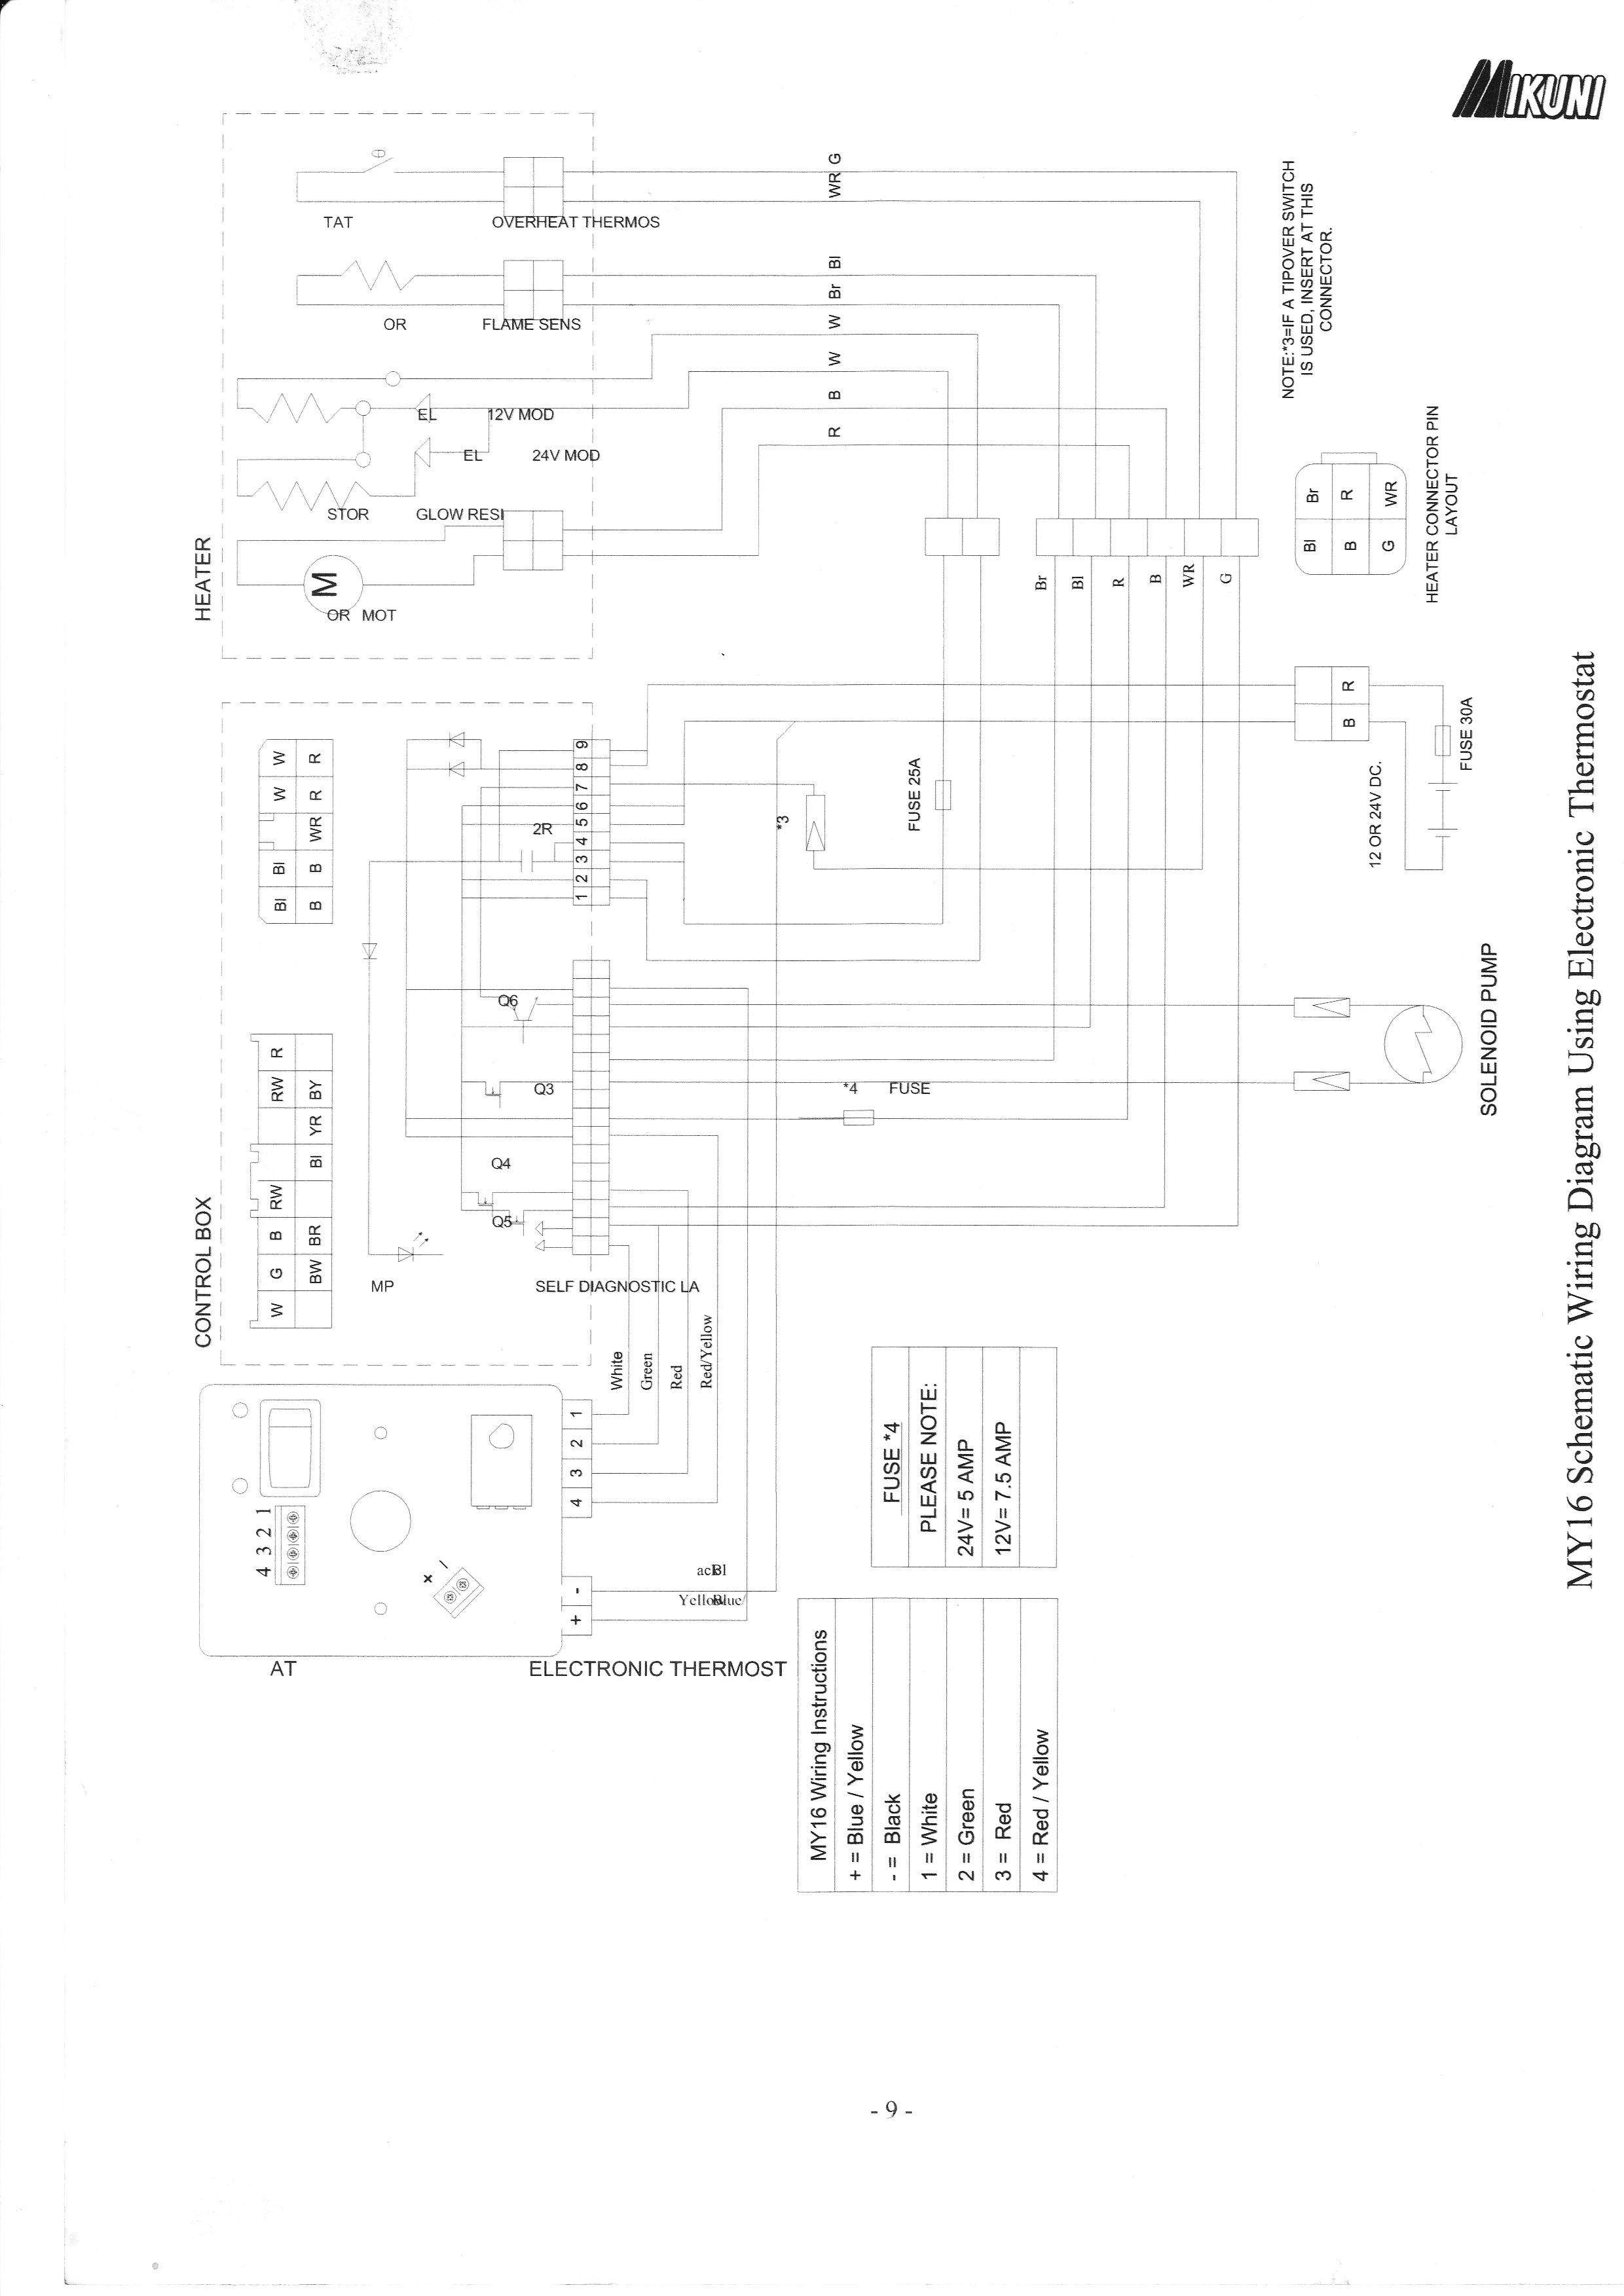 автономный стояночный отопитель схема